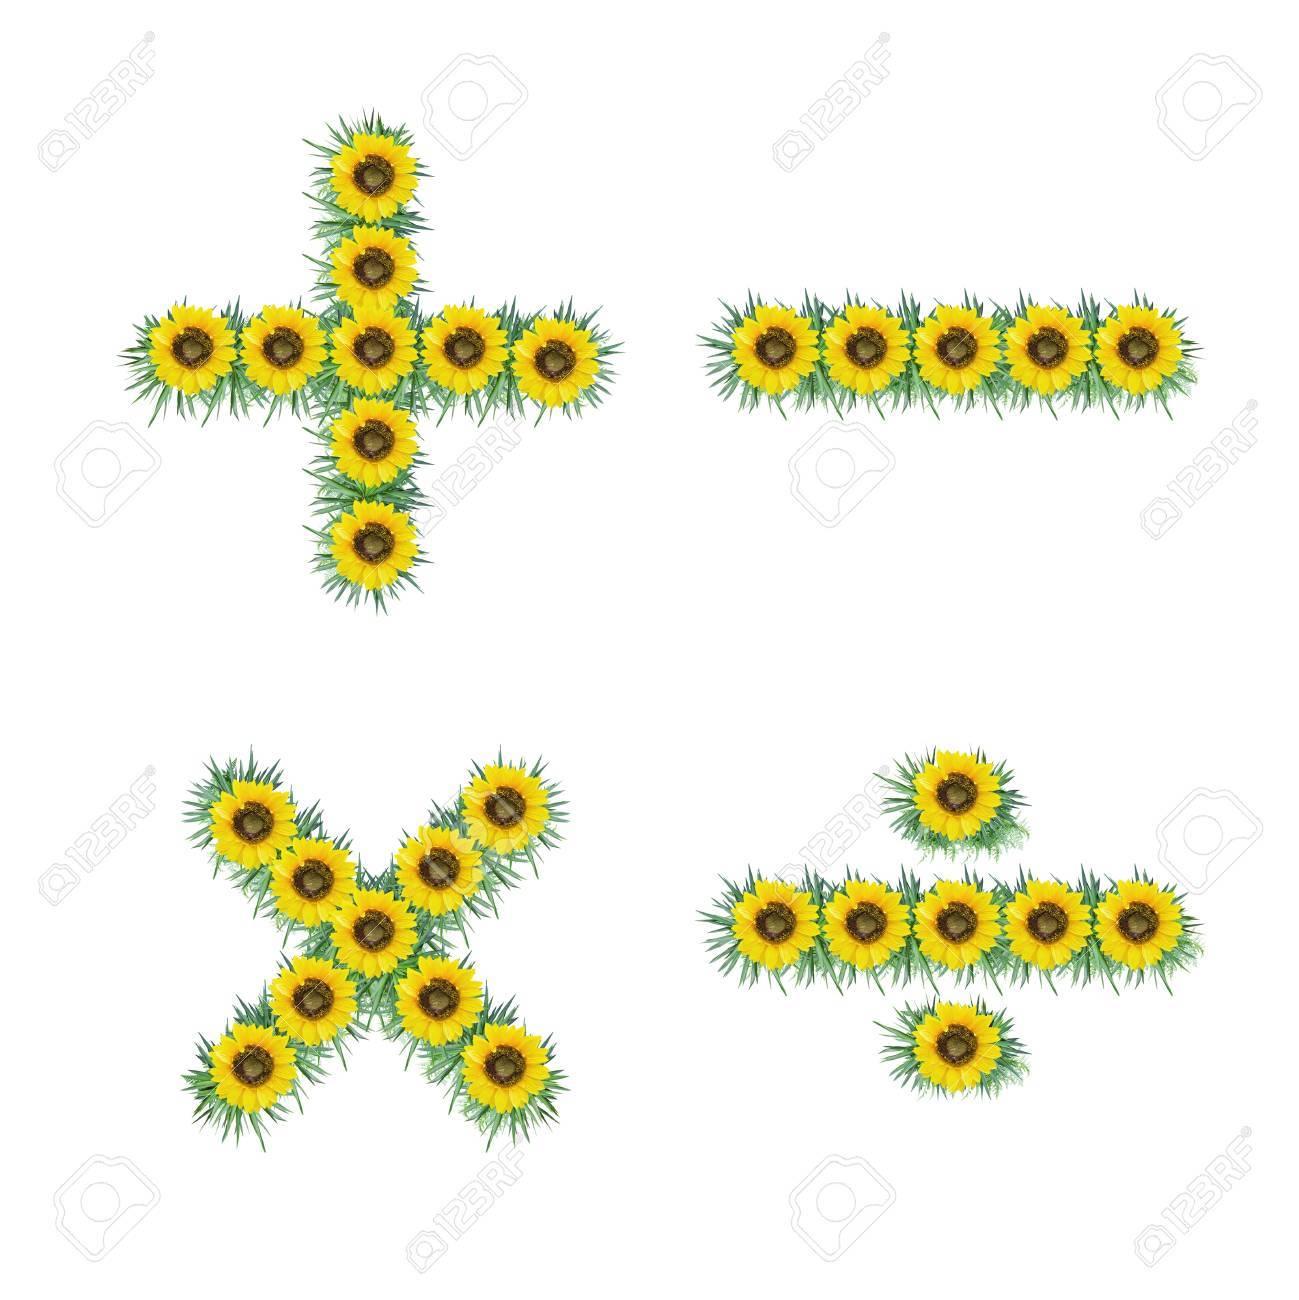 Symbol Of Sunflower Isolated On White Background Stock Photo